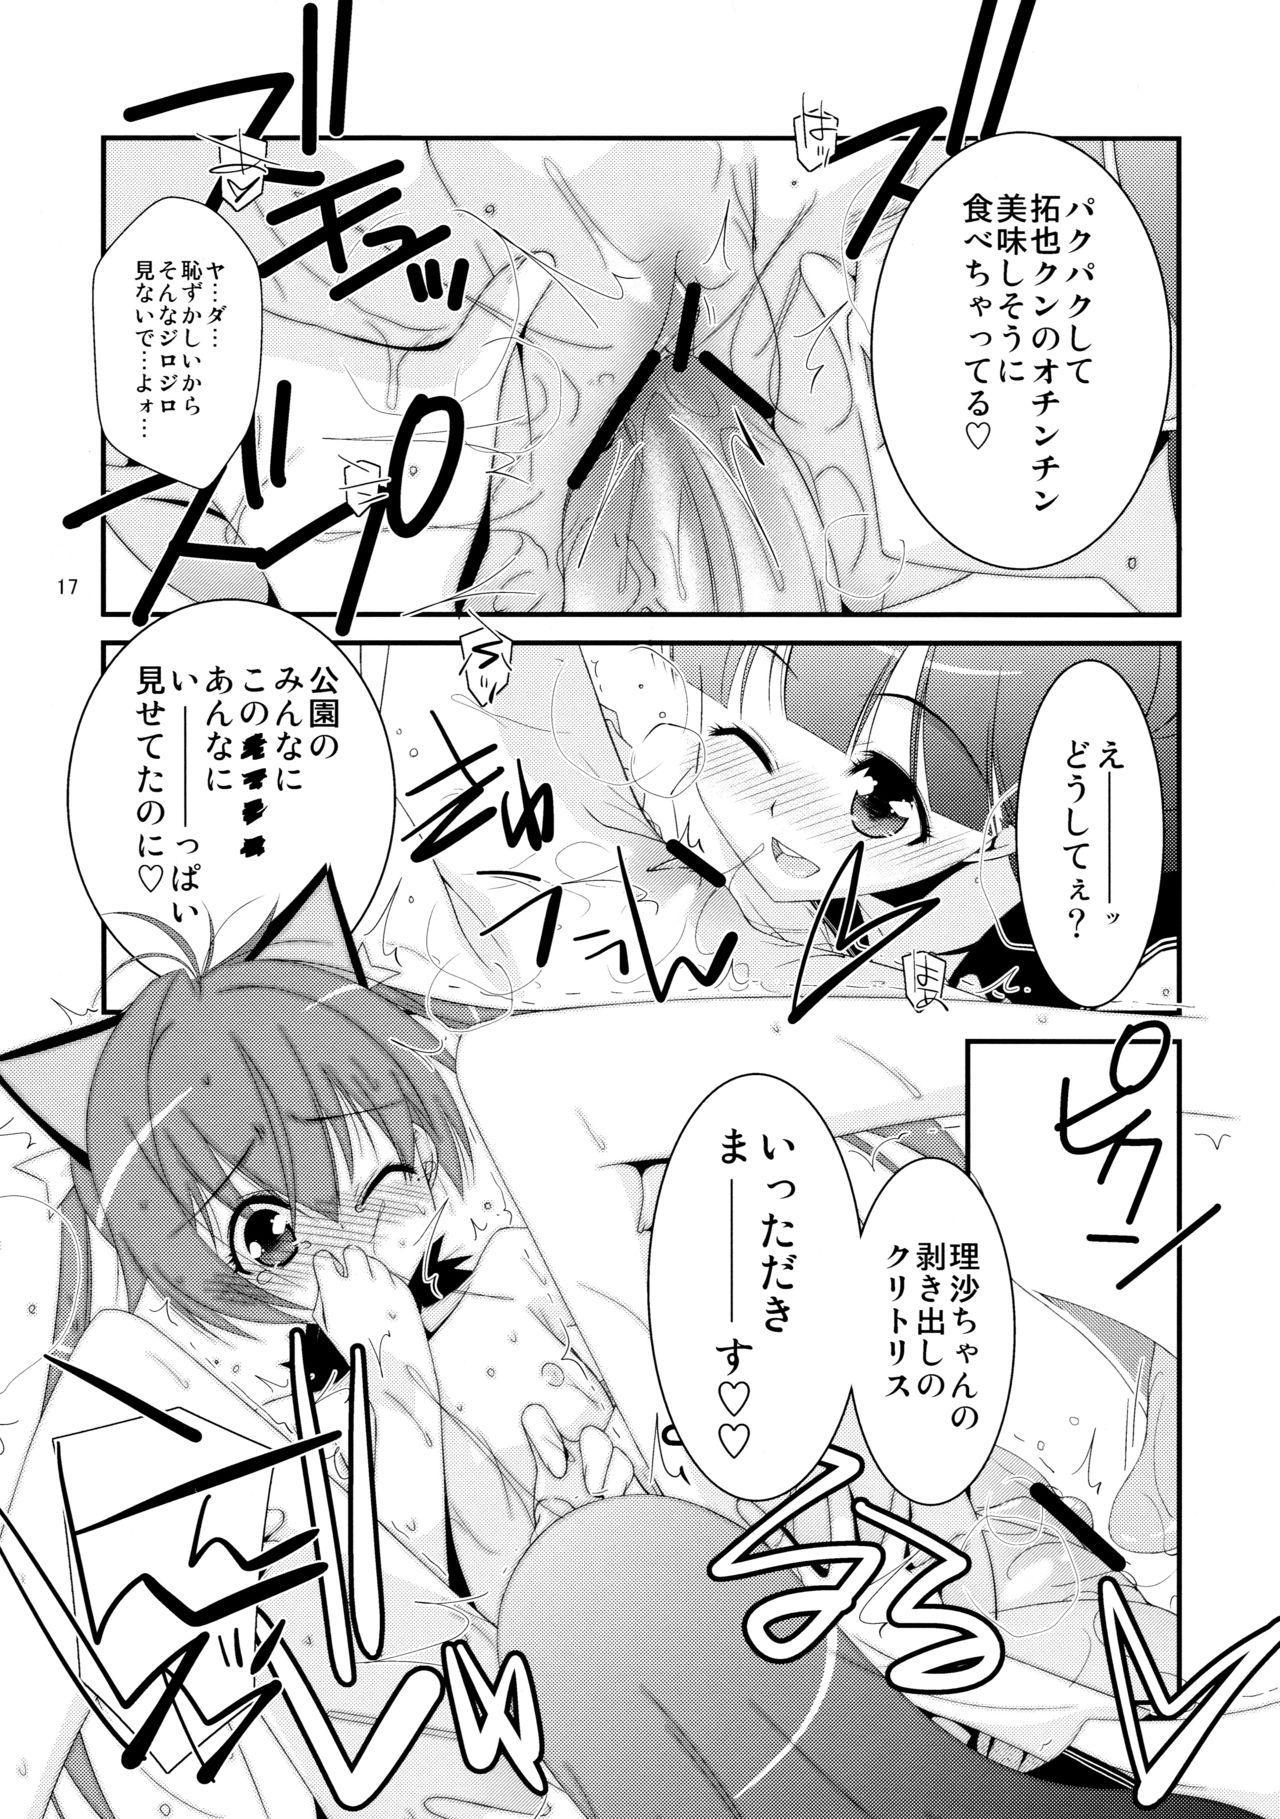 Himitsu no Asobi 16